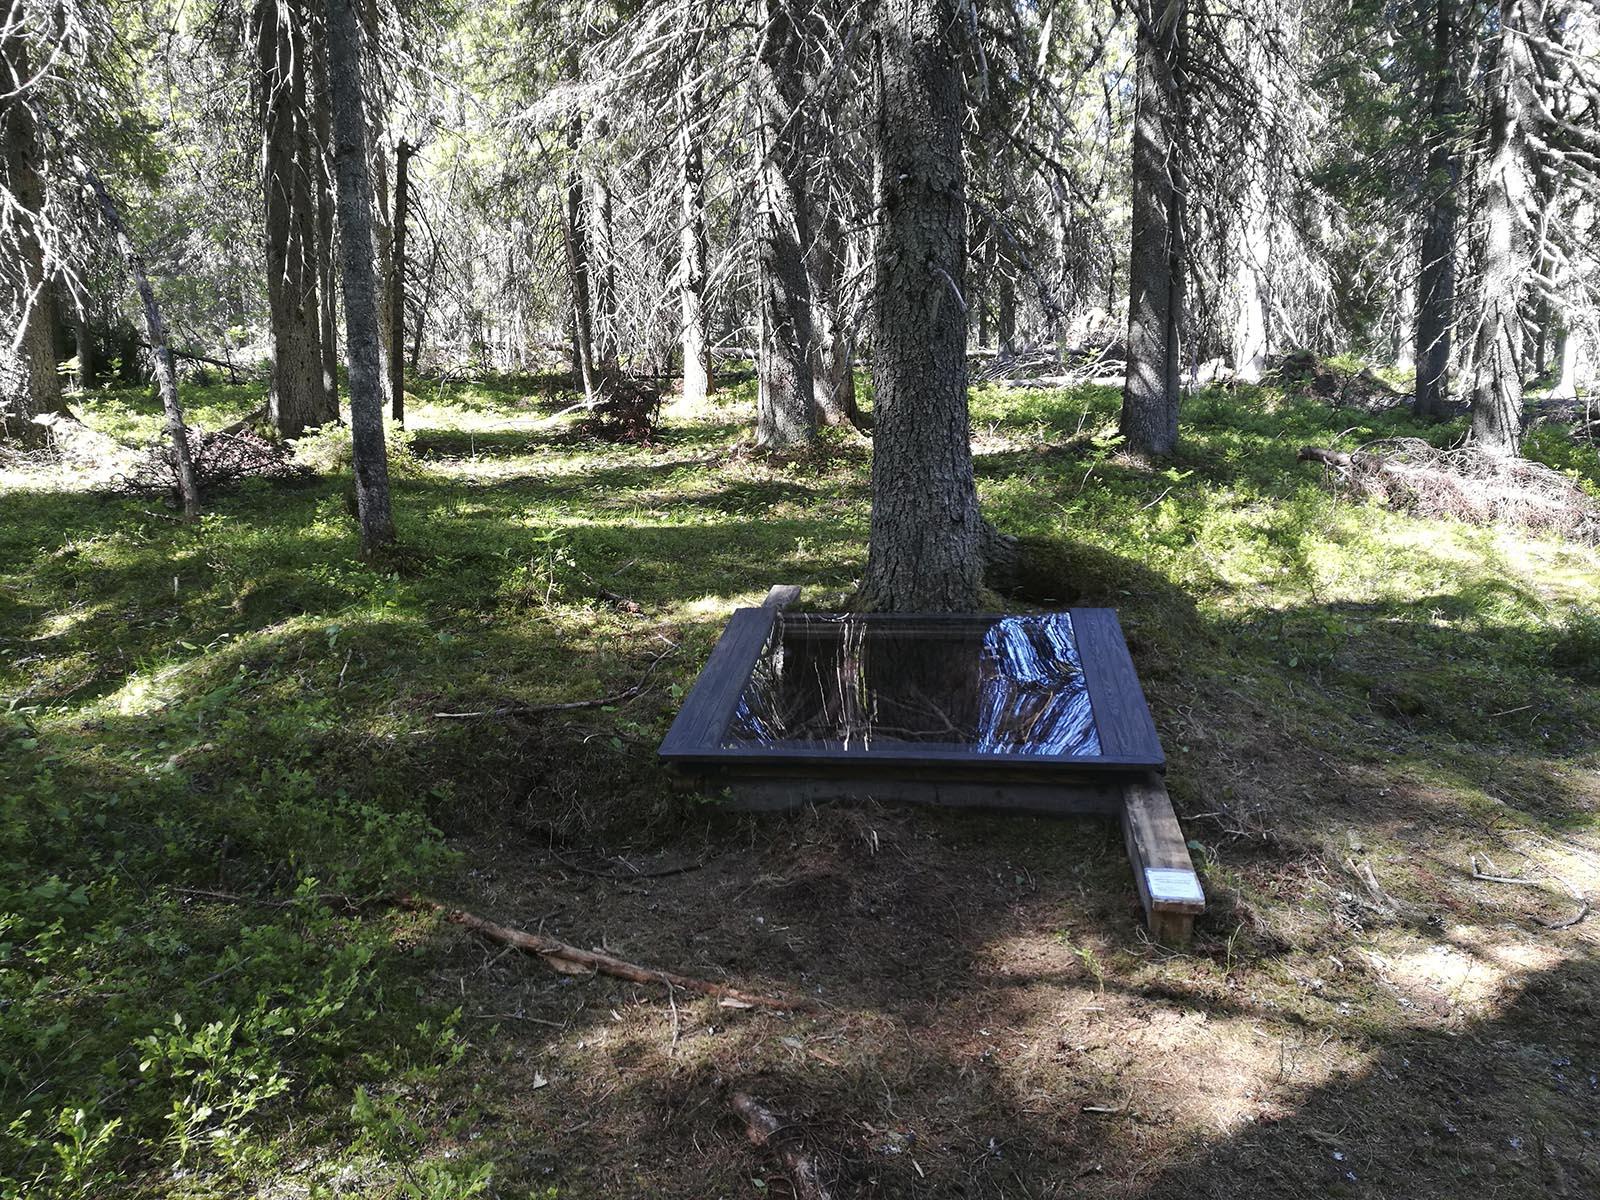 """Taiteilija Kimmo Ylösen teos """"Metsäpohjan arkekologiaa"""" sijaitsee polun varrella harvassa vanhassa kuusikossa, suurehkon kuusen juurella. Linkki teoksen kuvailutulkkaukseen löytyy tekstistä alla. Kuva: Hanna Kaisa Vainio."""